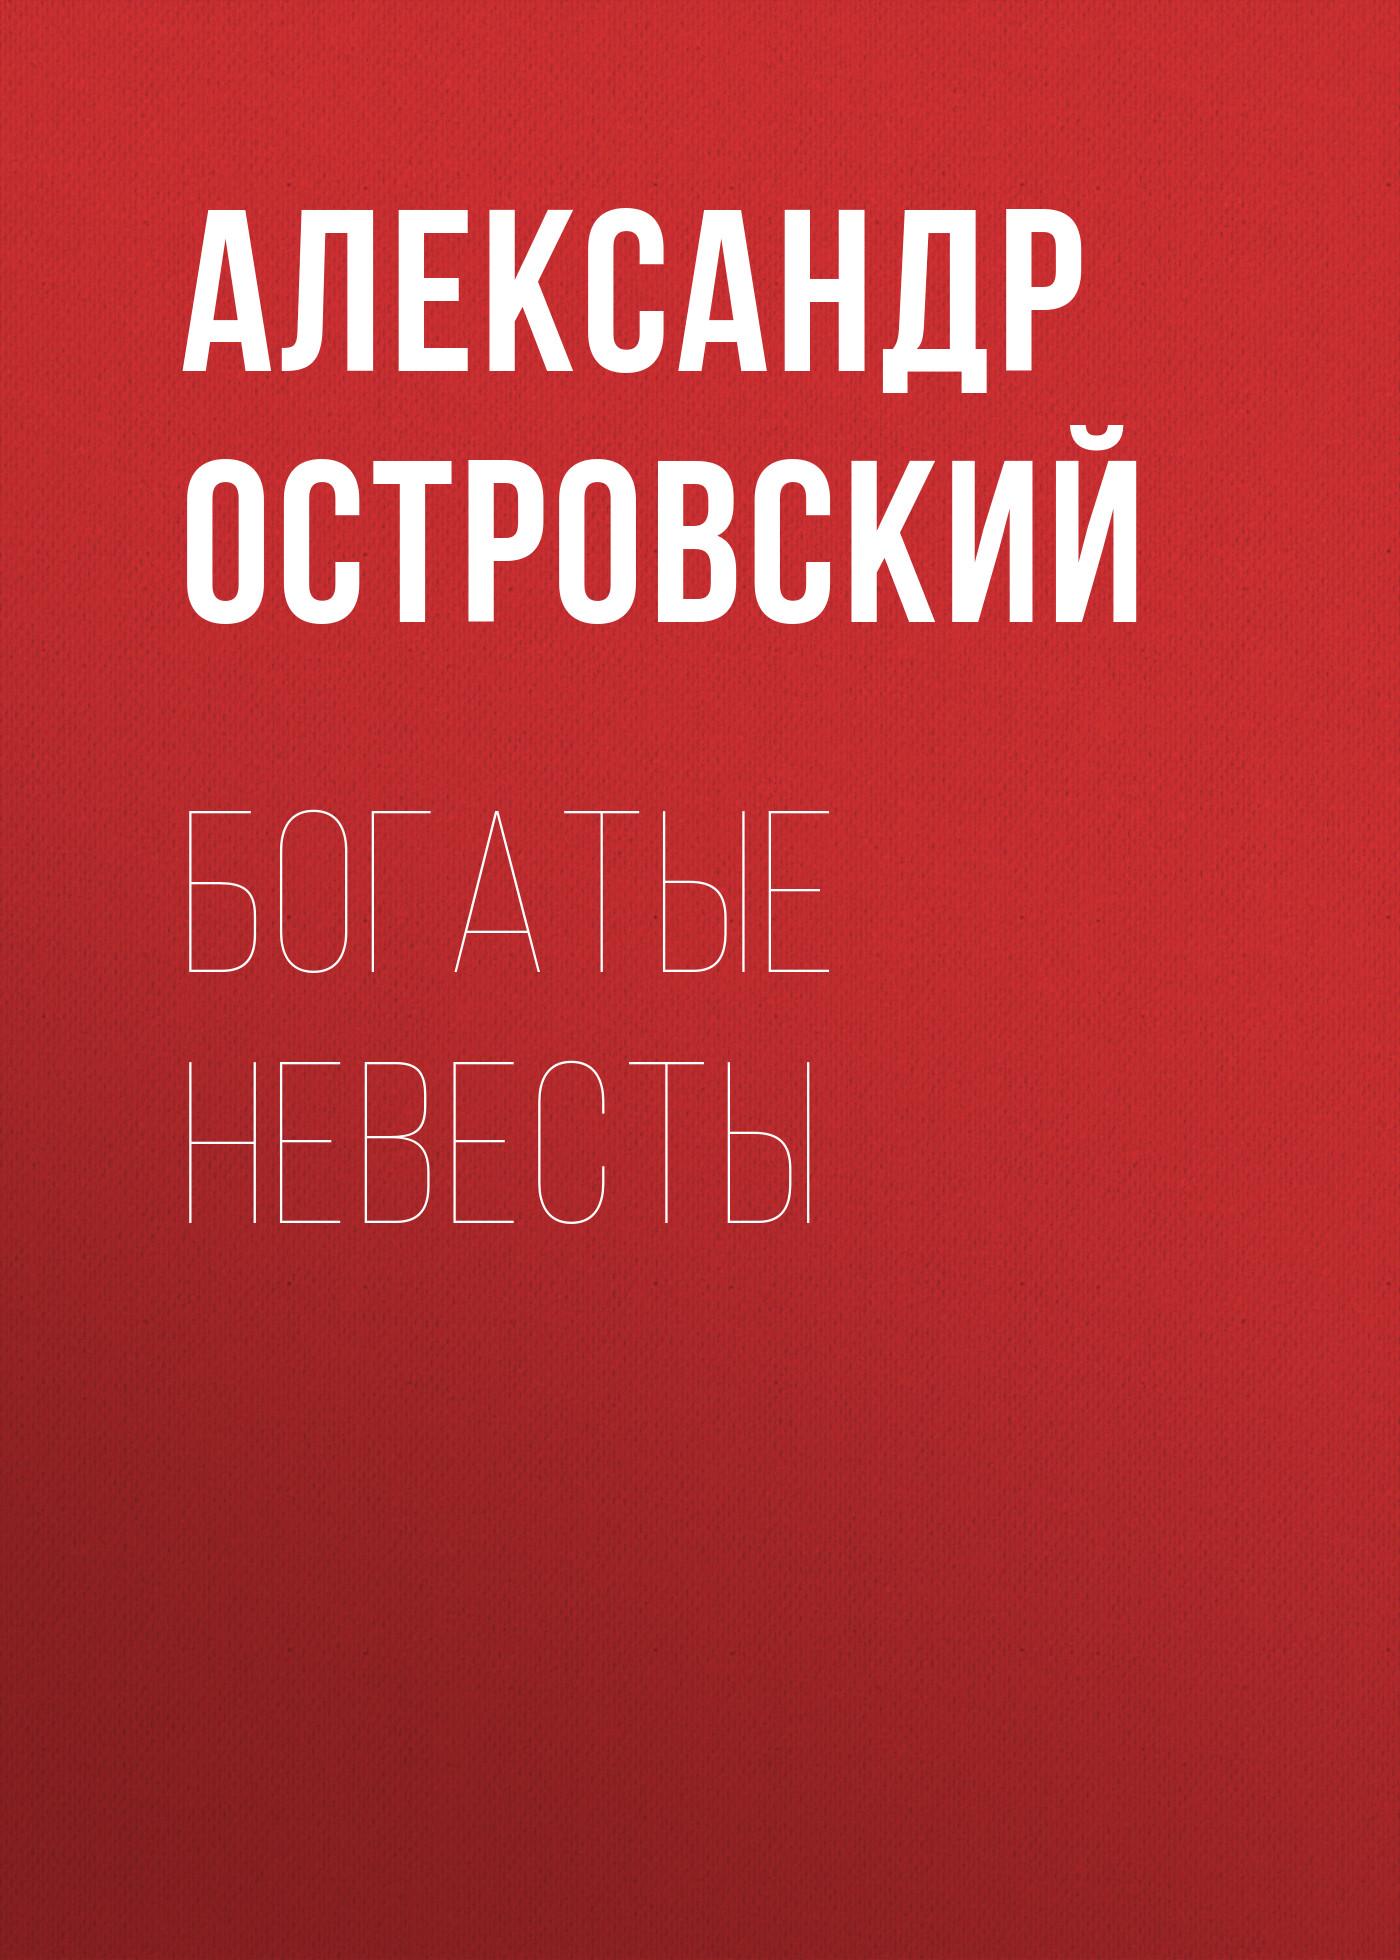 Александр Островский Богатые невесты